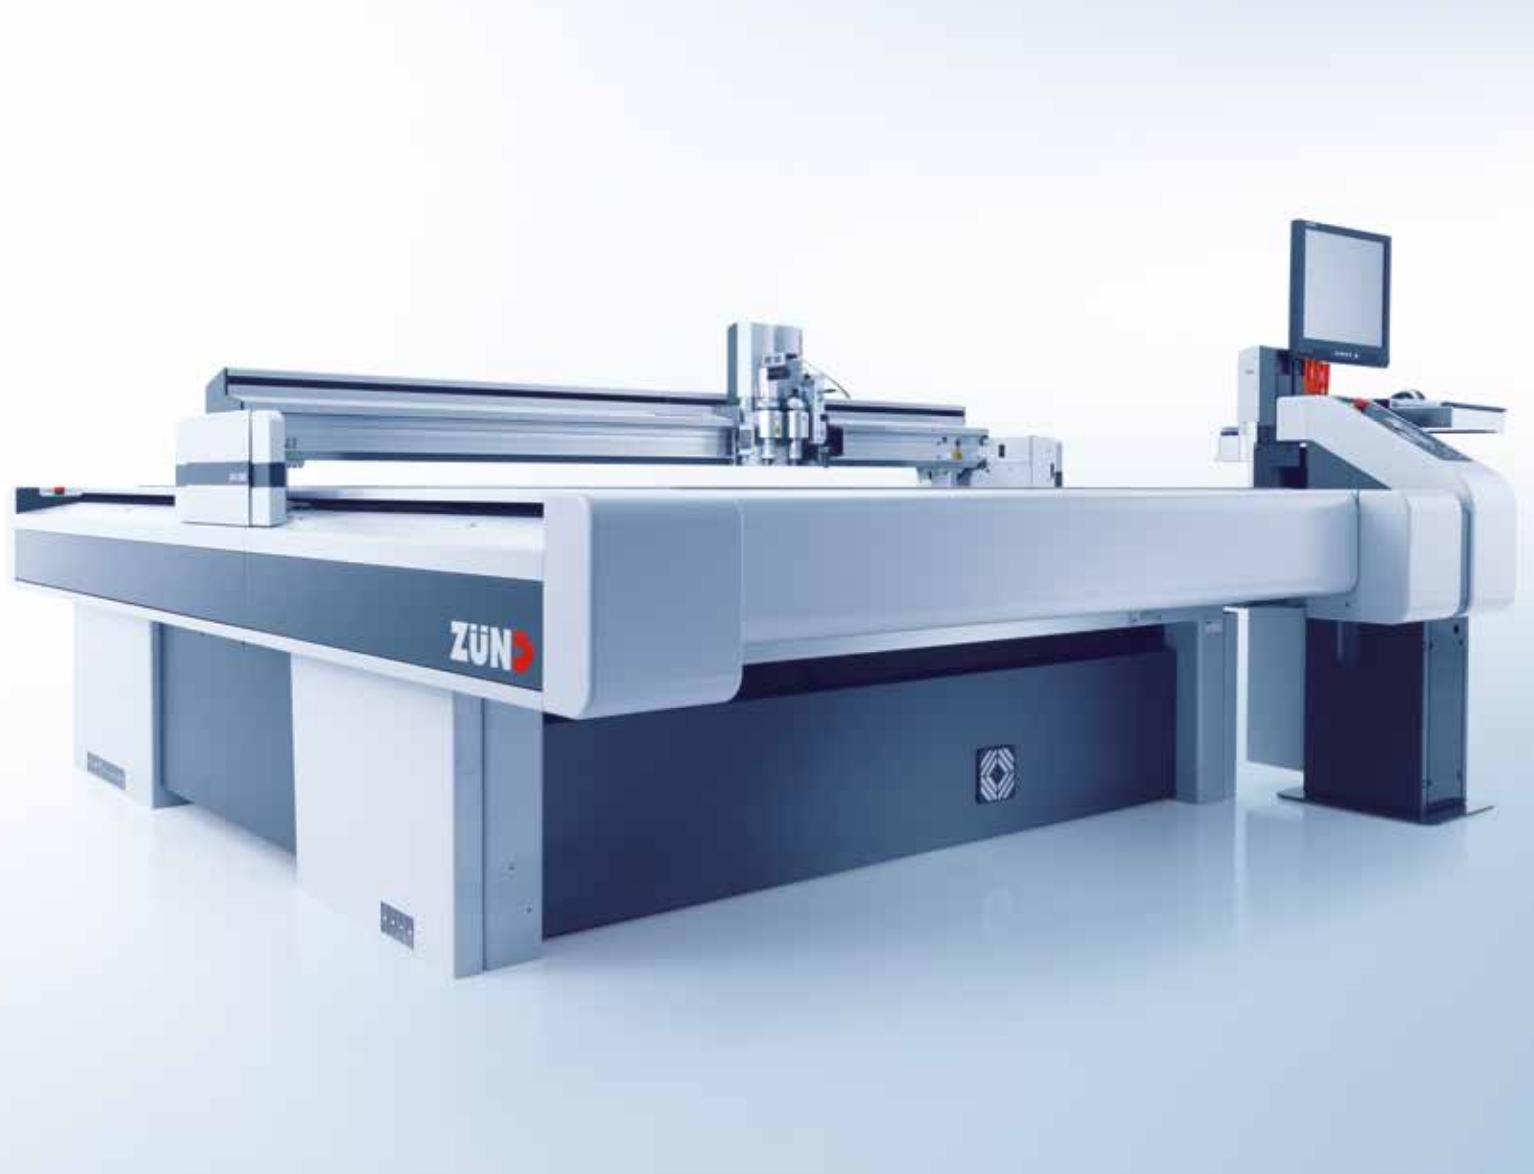 Zünd CNC cutter